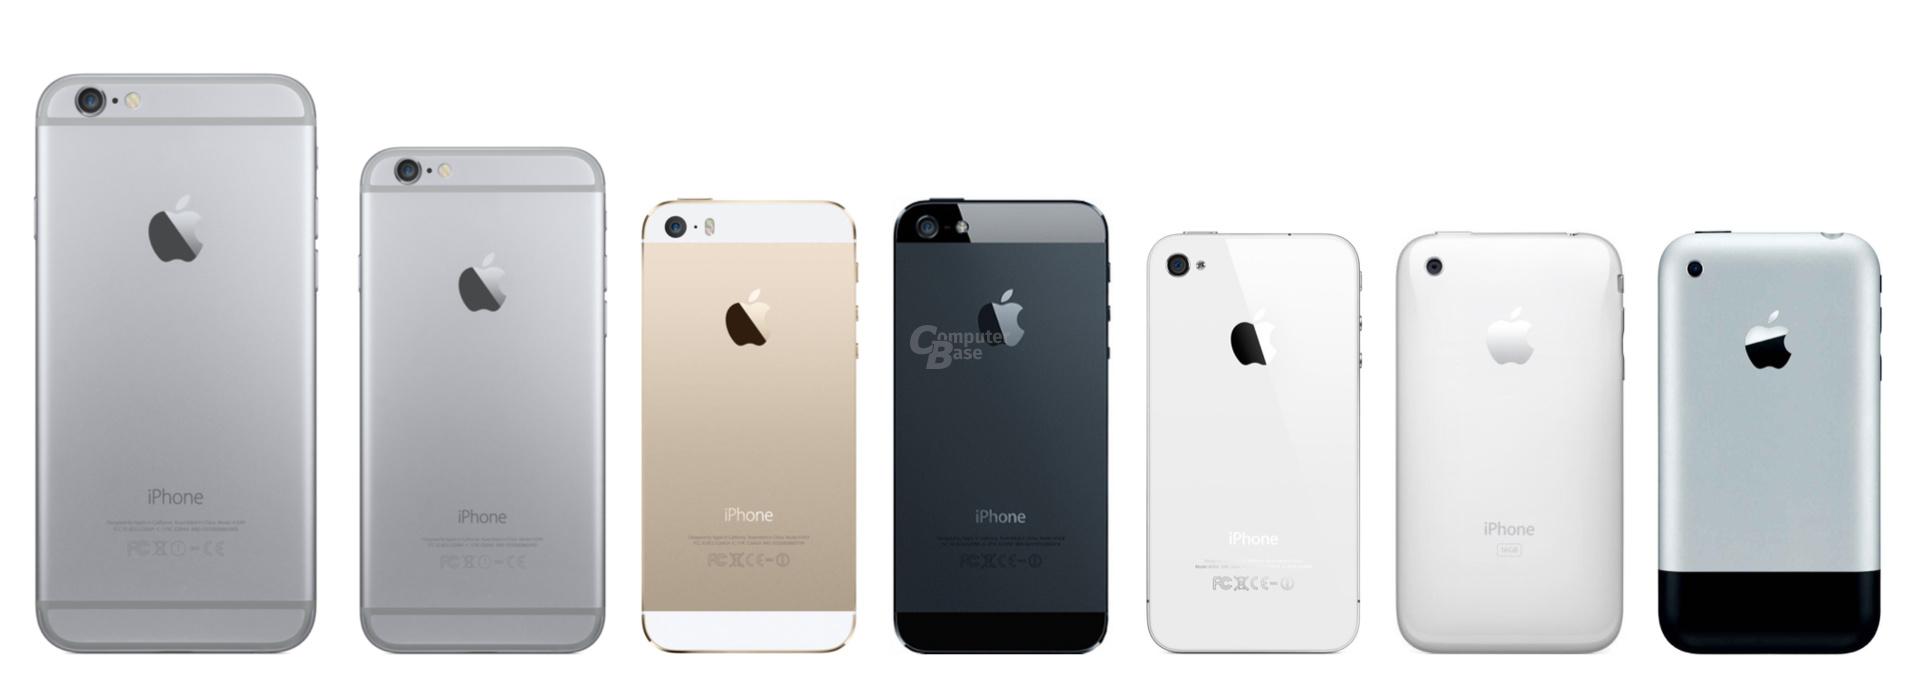 iphone 4 5 vergleich